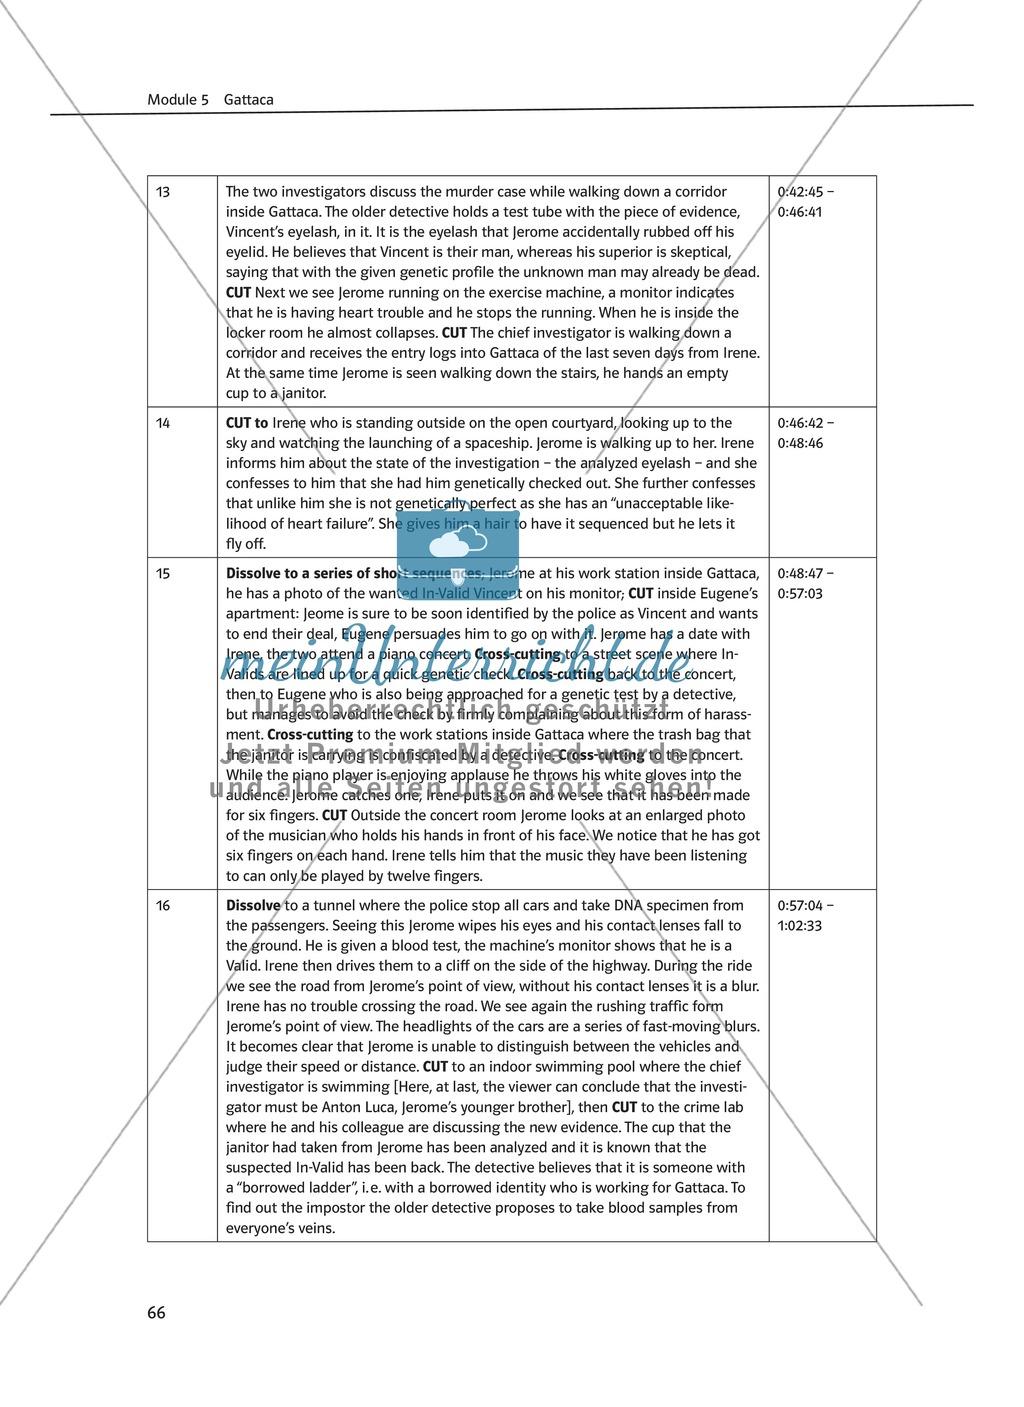 Gattaca - Allgemeine Informationen und Szenenprotokoll - Übersicht über Inhalt und Kameraeinstellungen Preview 3